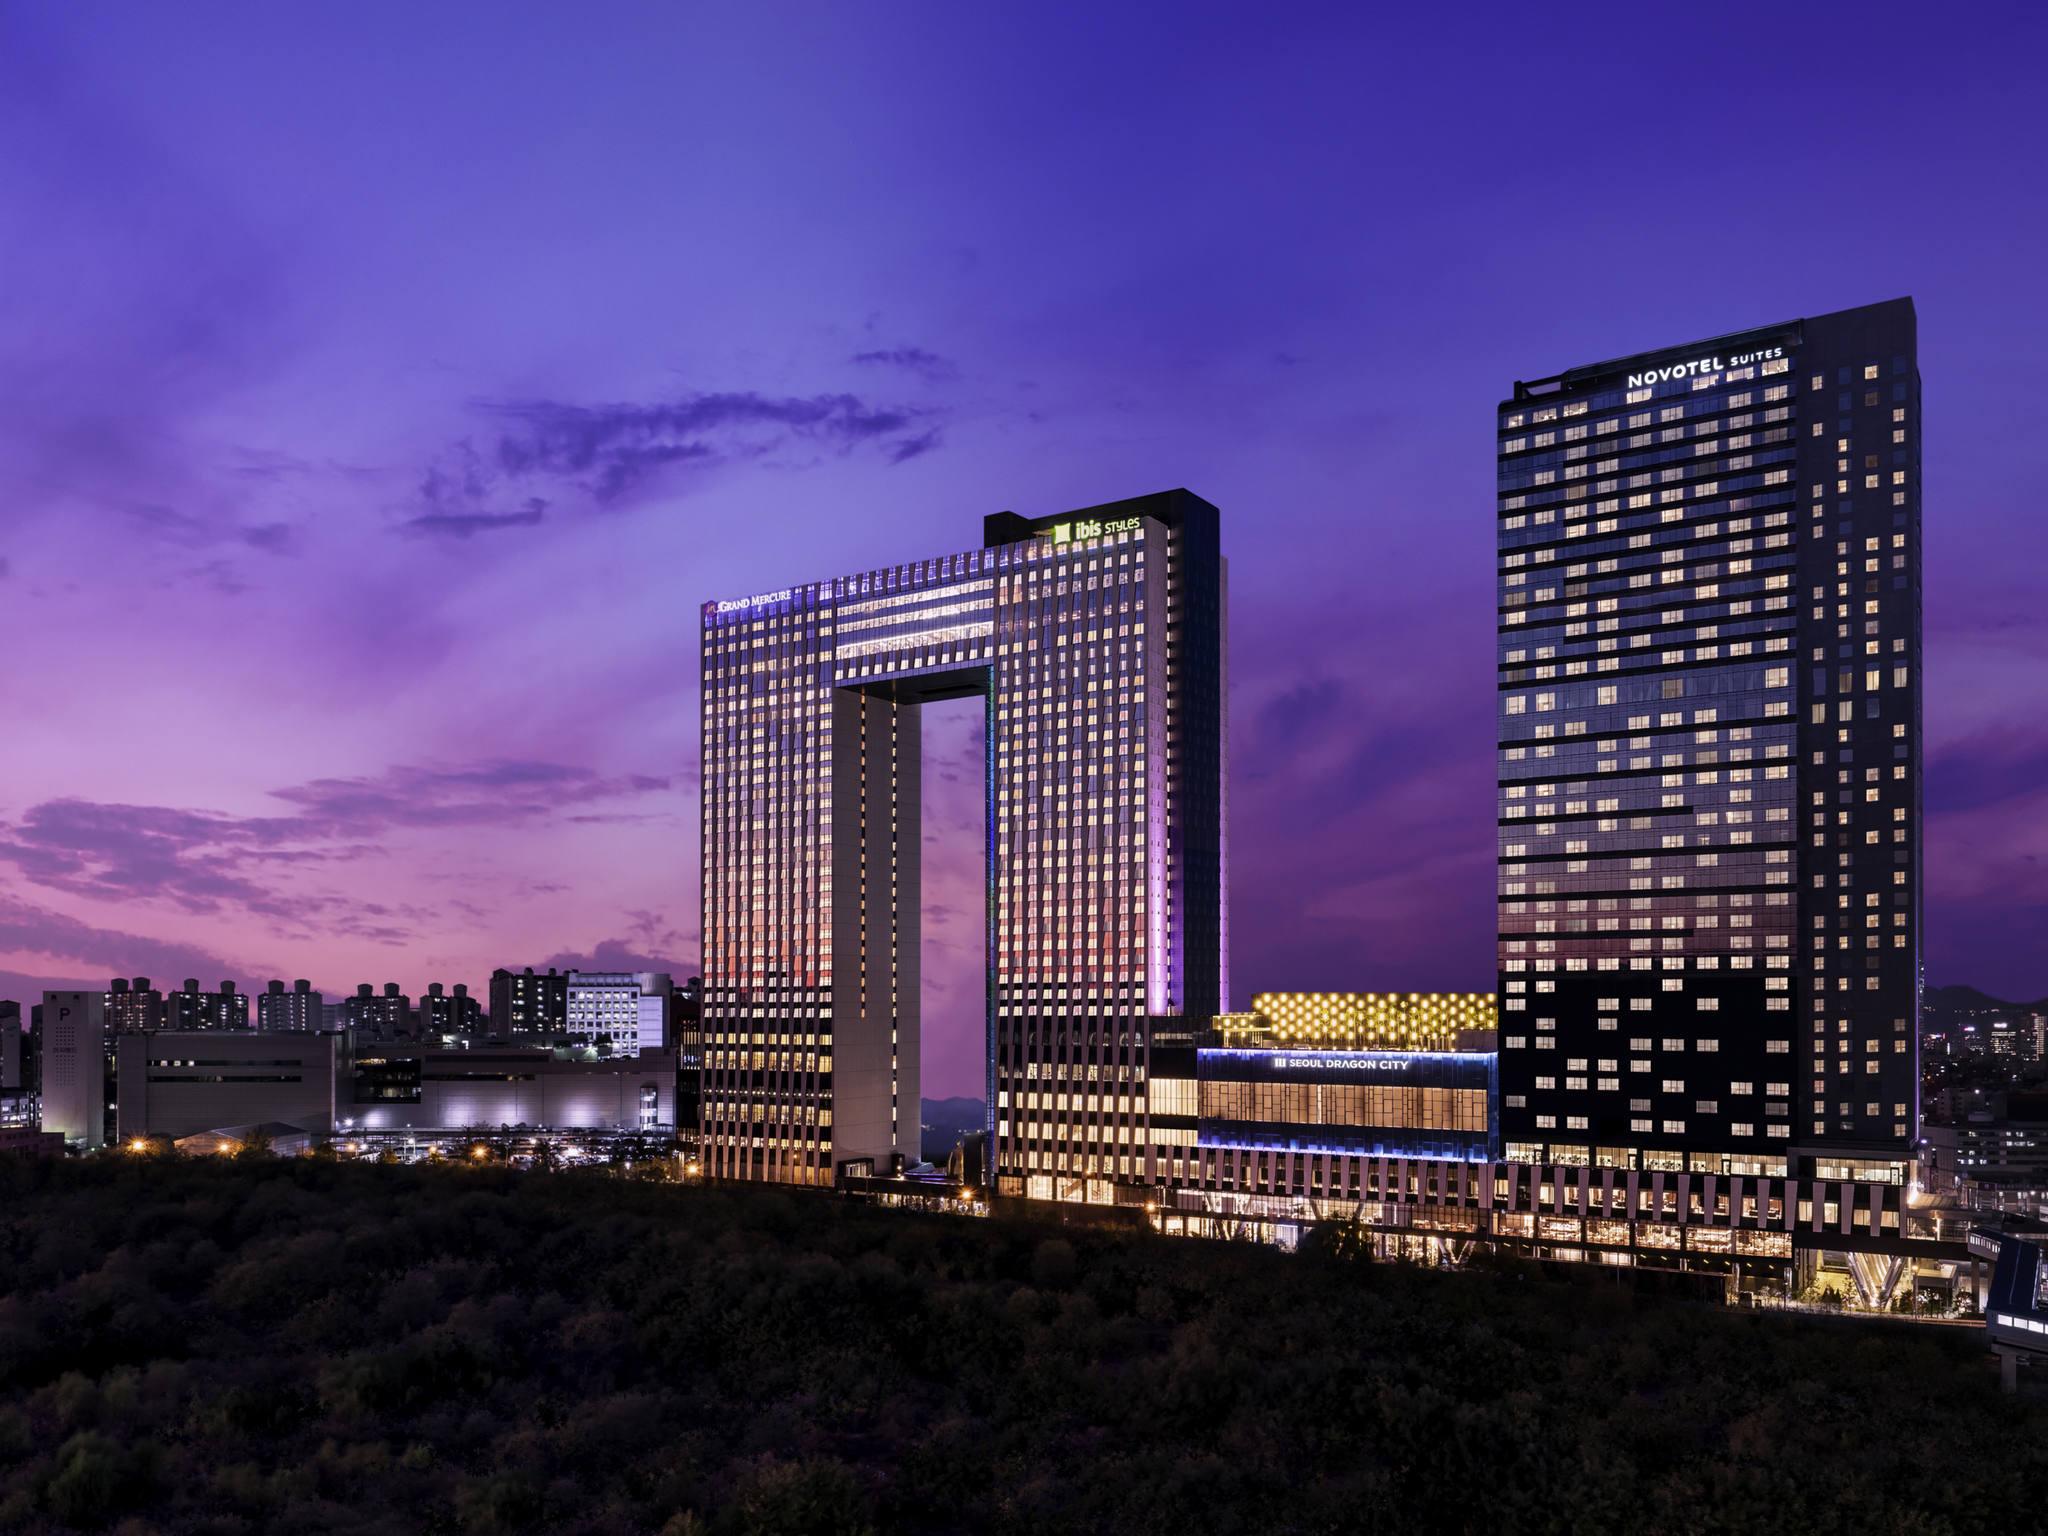 โรงแรม – แกรน เมอร์เคียว แอมบาสเดอร์ โซล ยงซาน - โซล ดราก้อน ซิตี้